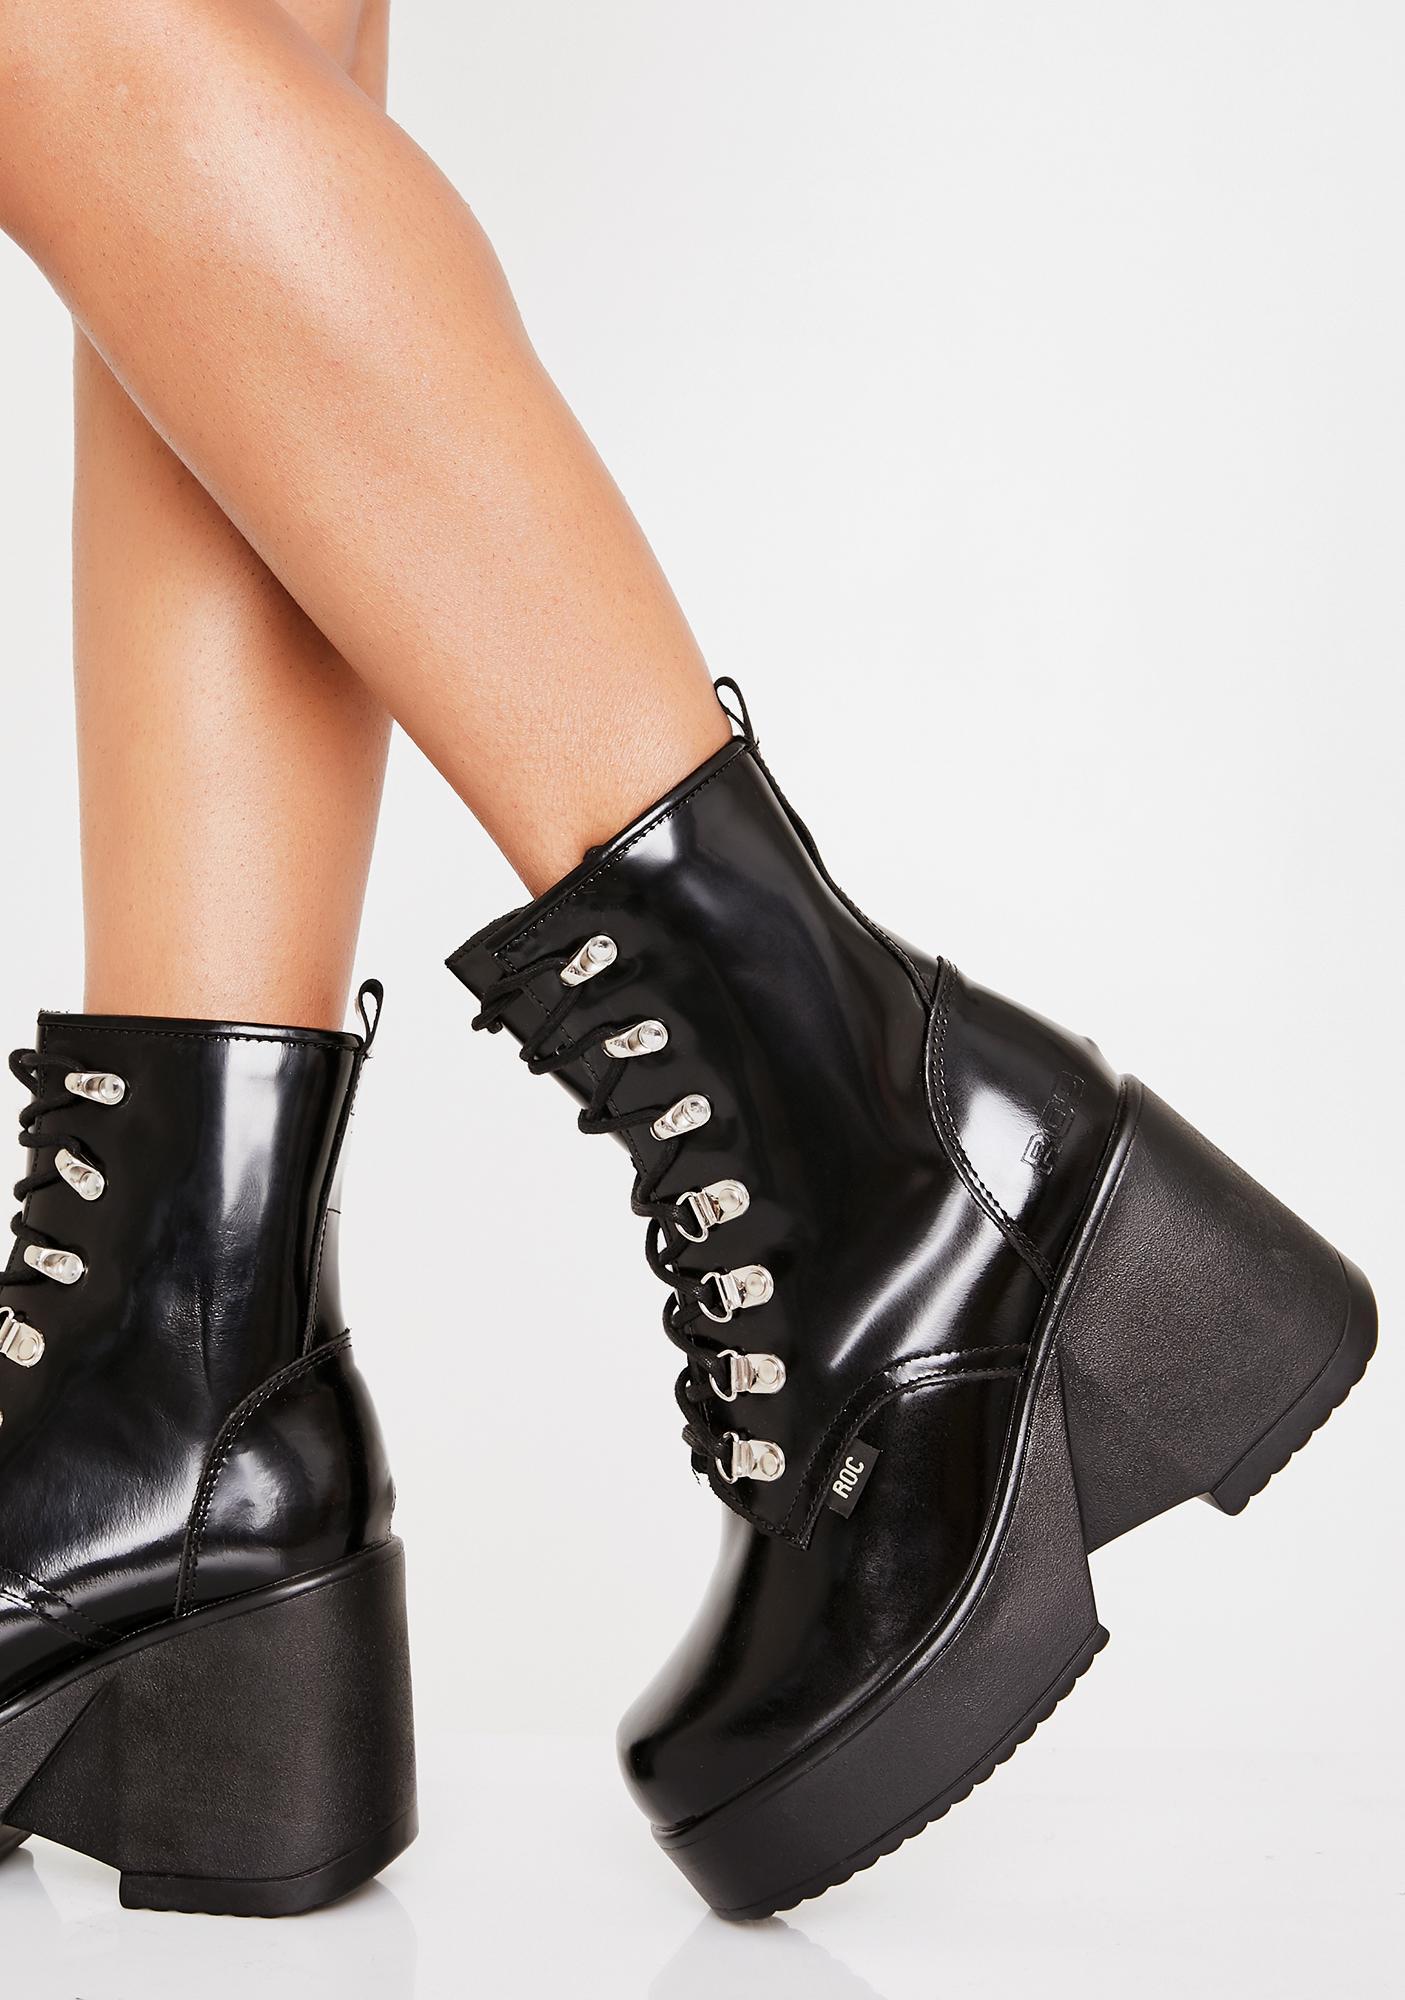 95ac6b0a394 ROC Boots Australia Pelham Wedge Boots | Dolls Kill